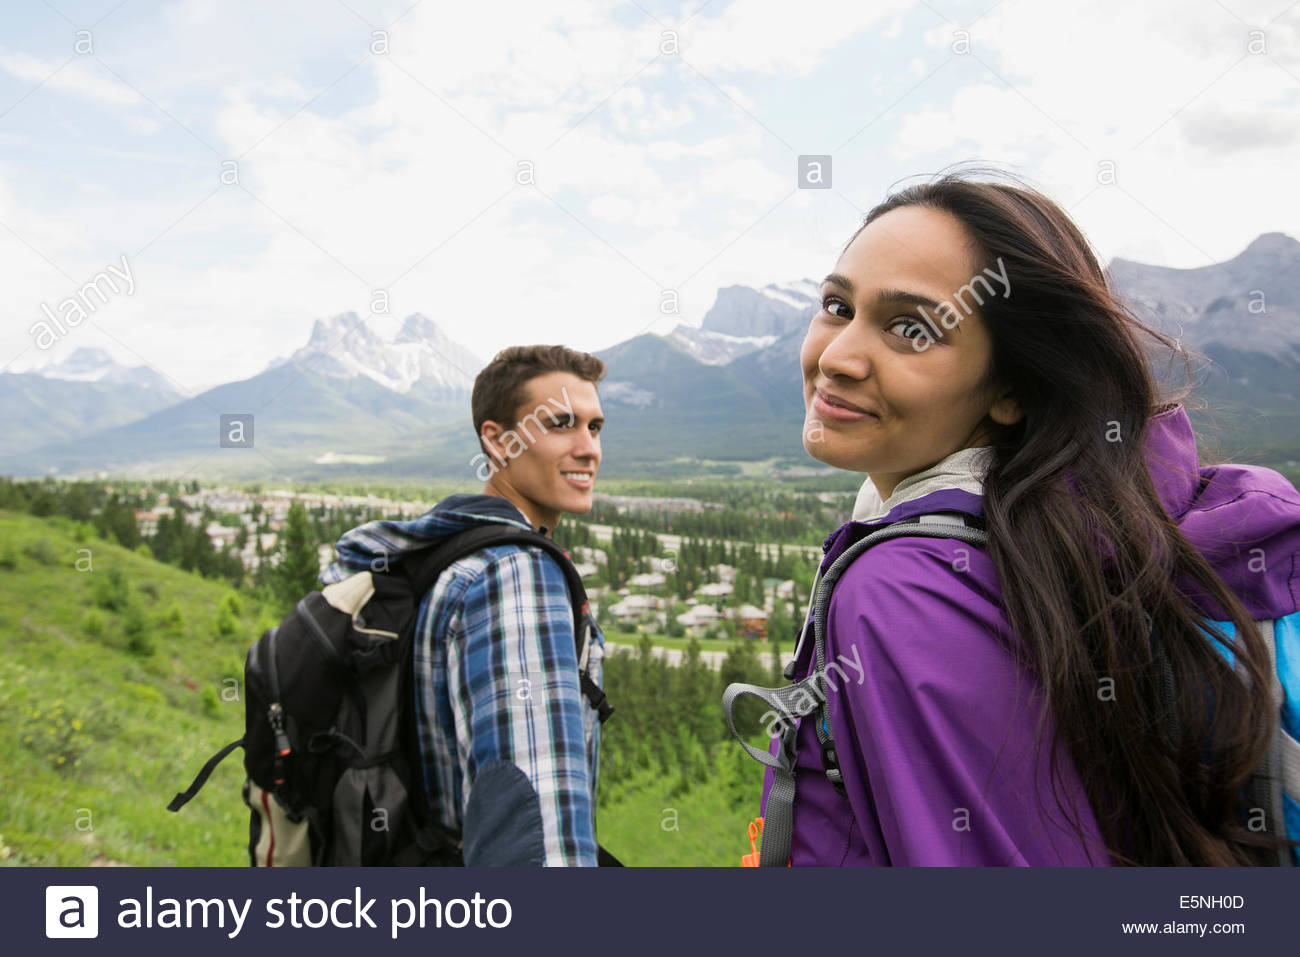 Coppia con zaini trekking vicino alle montagne Immagini Stock